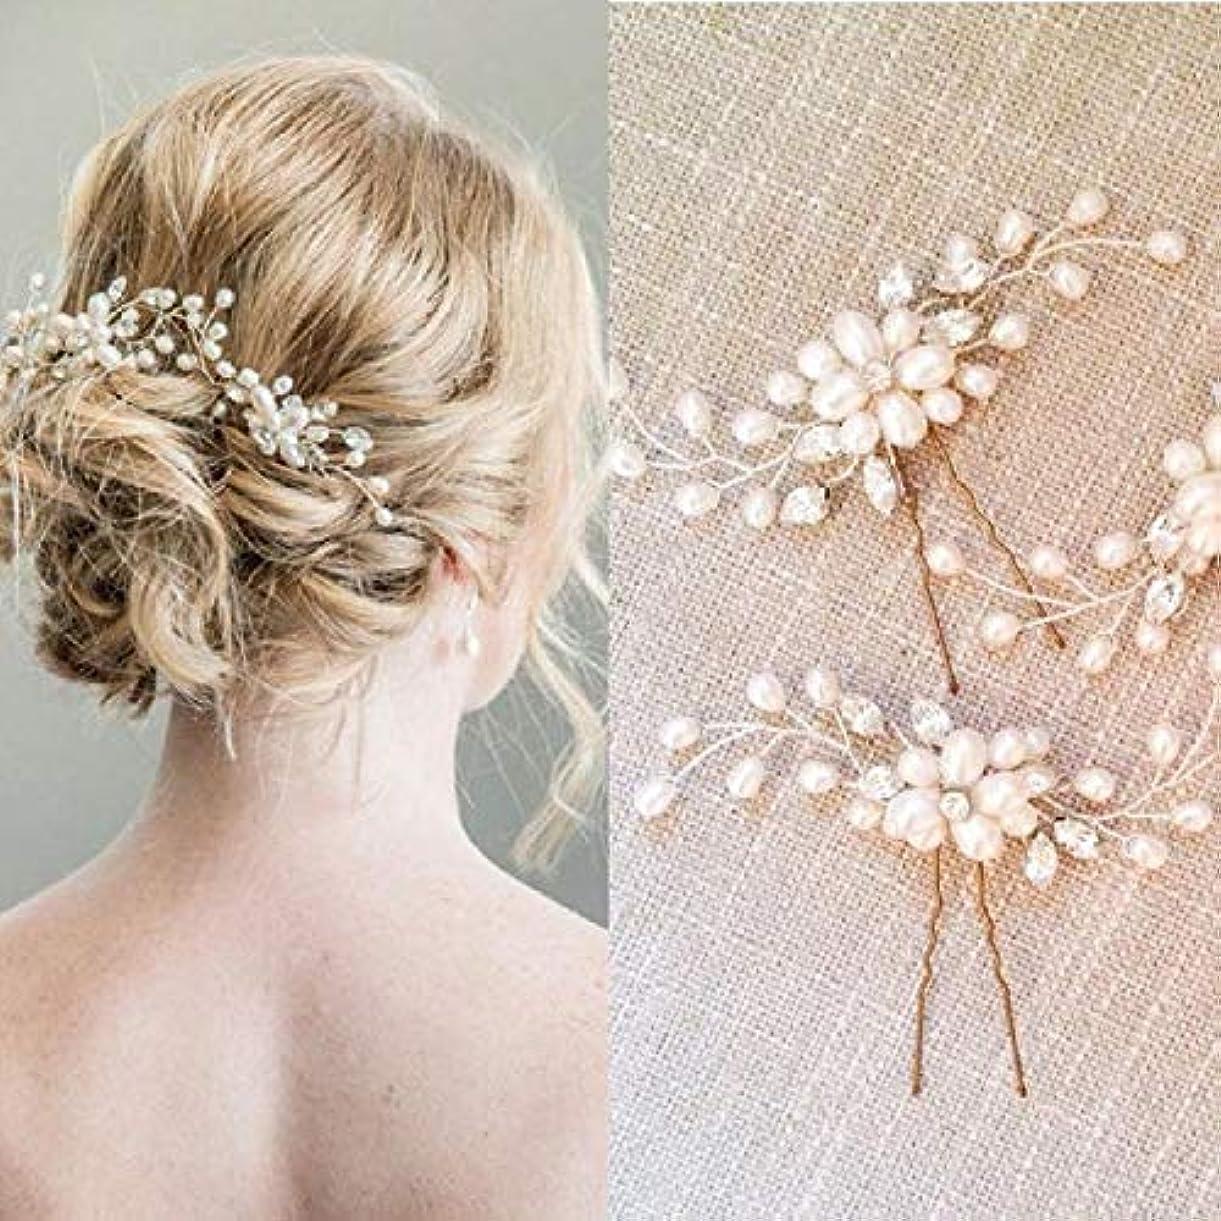 トリクル役職飛躍Hairpinheair YHM 2ピース祭り結婚式ヘアアクセサリーブライダルヘアスティック花ヘアピン美しいヘッドドレスひだヘアクリップつるアクセサリー